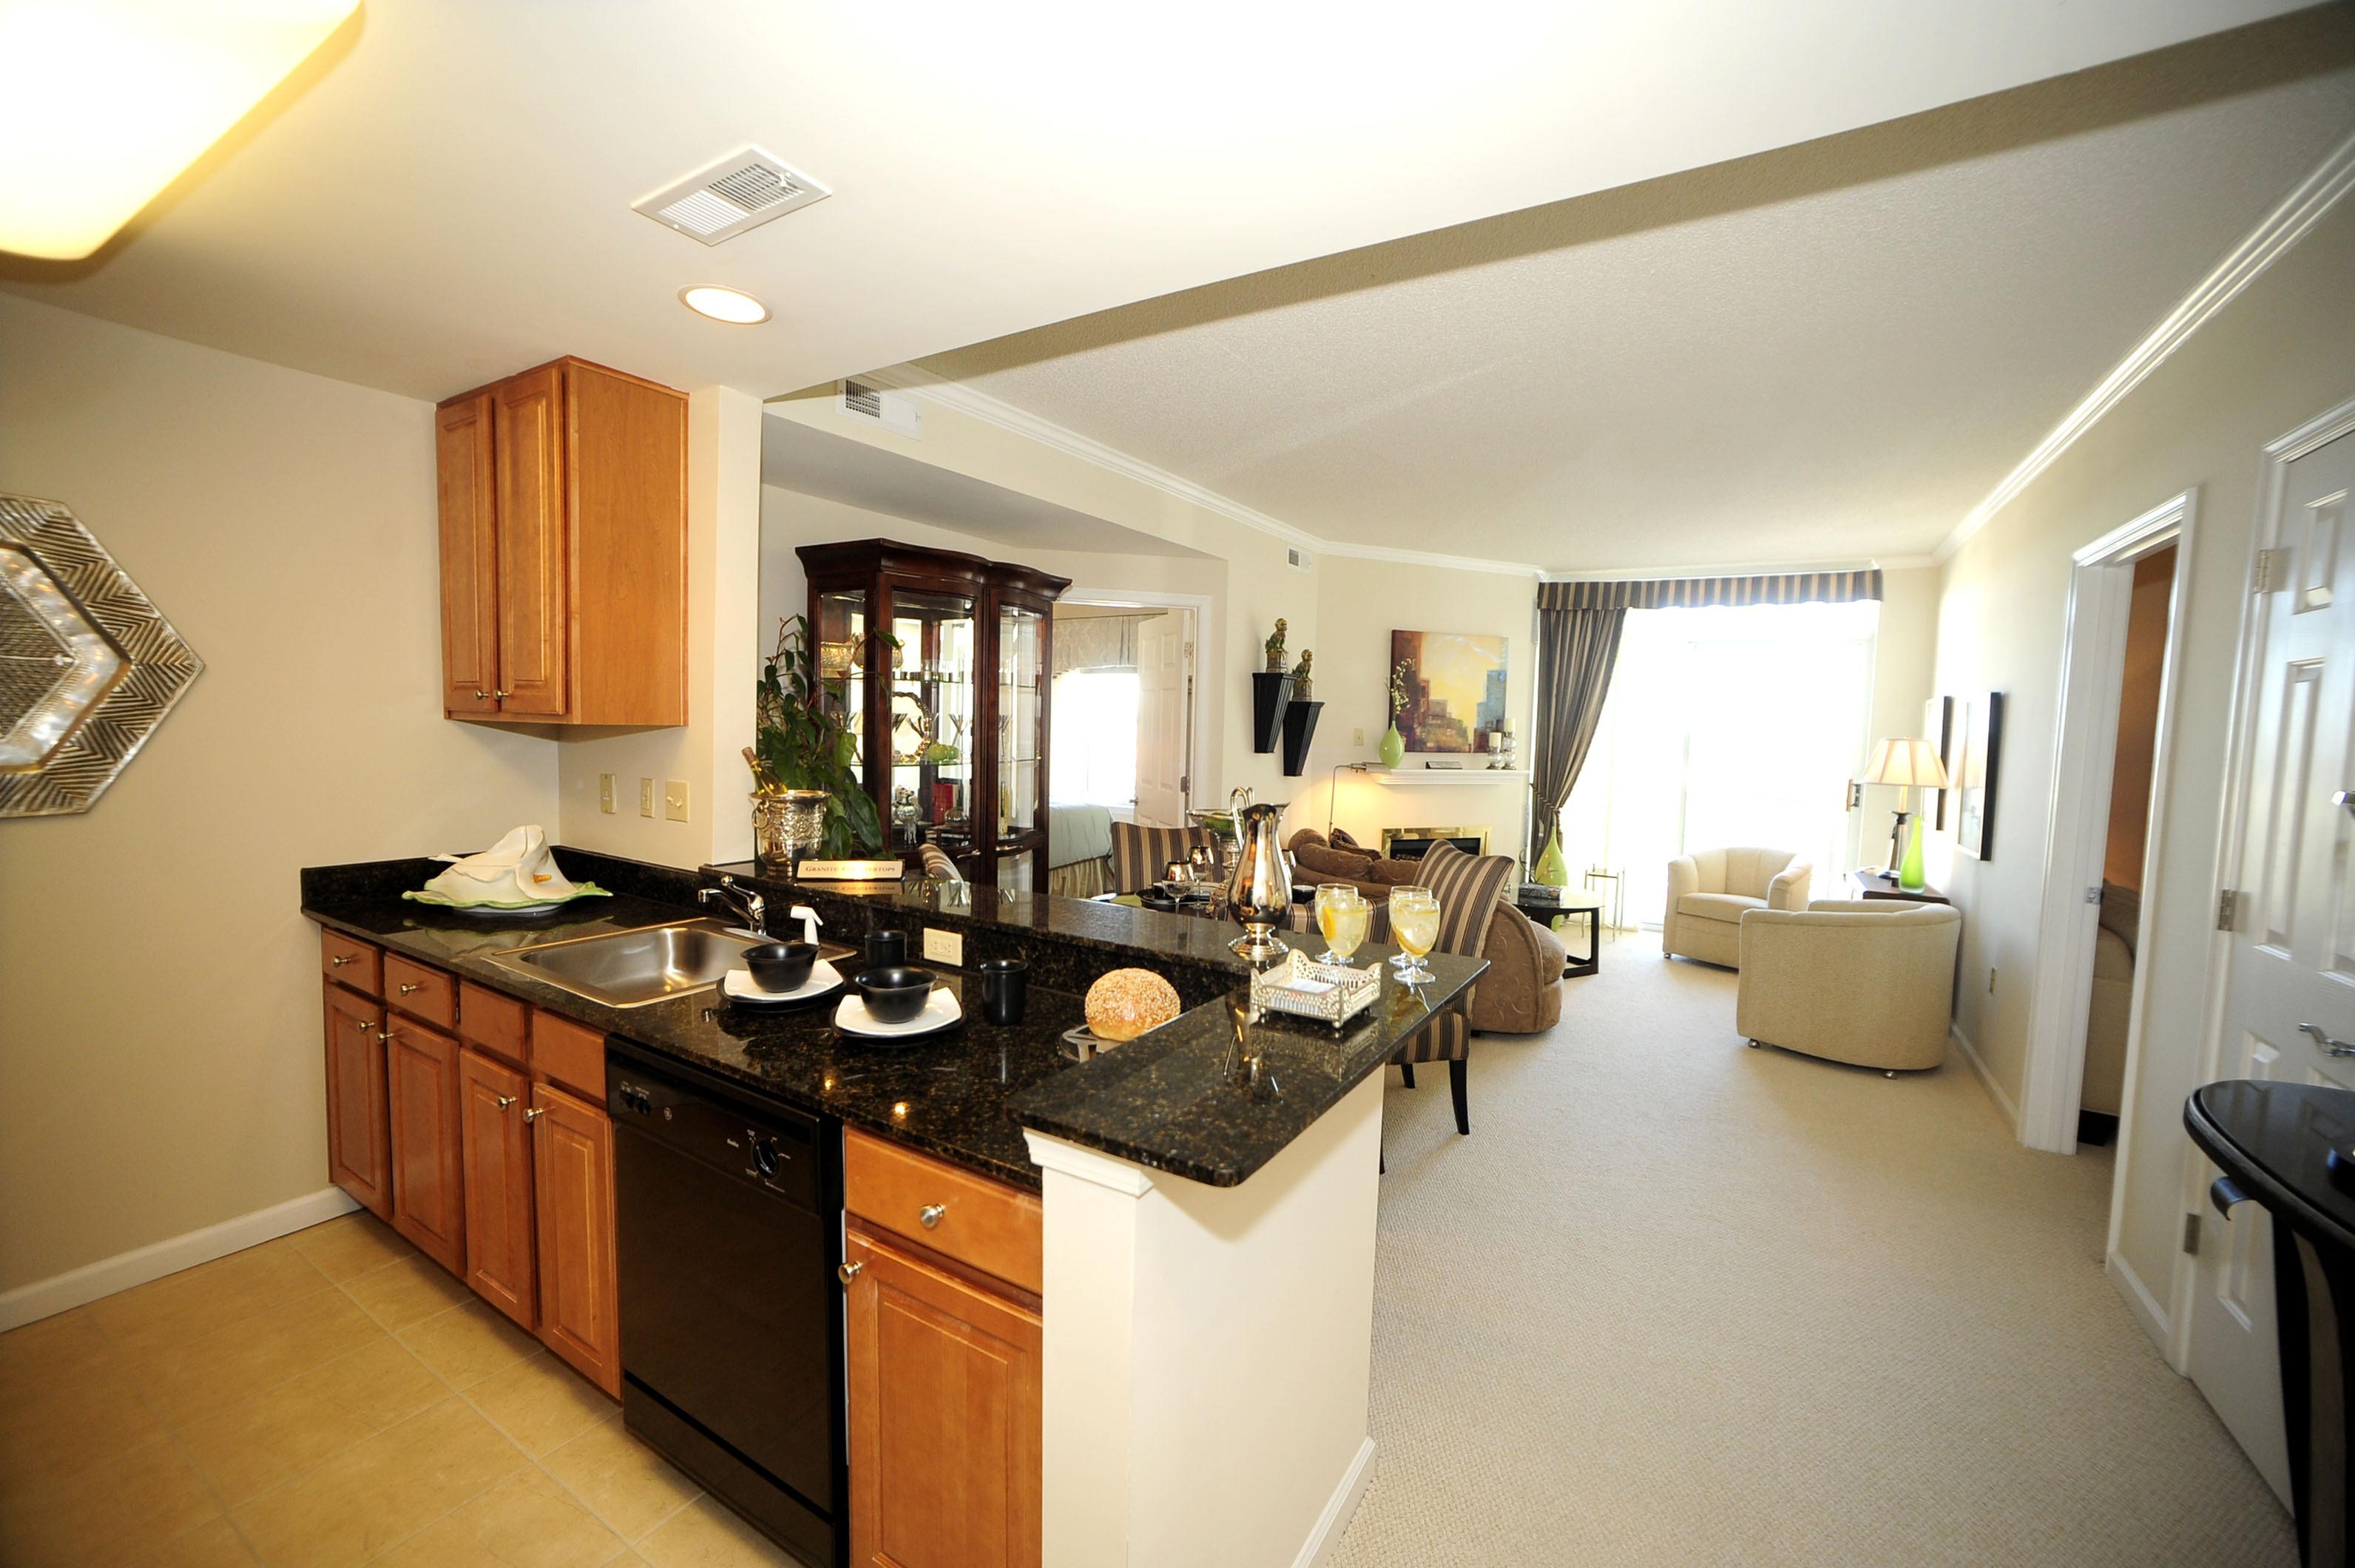 Image of Granite Countertops for The Cosmopolitan Apartments